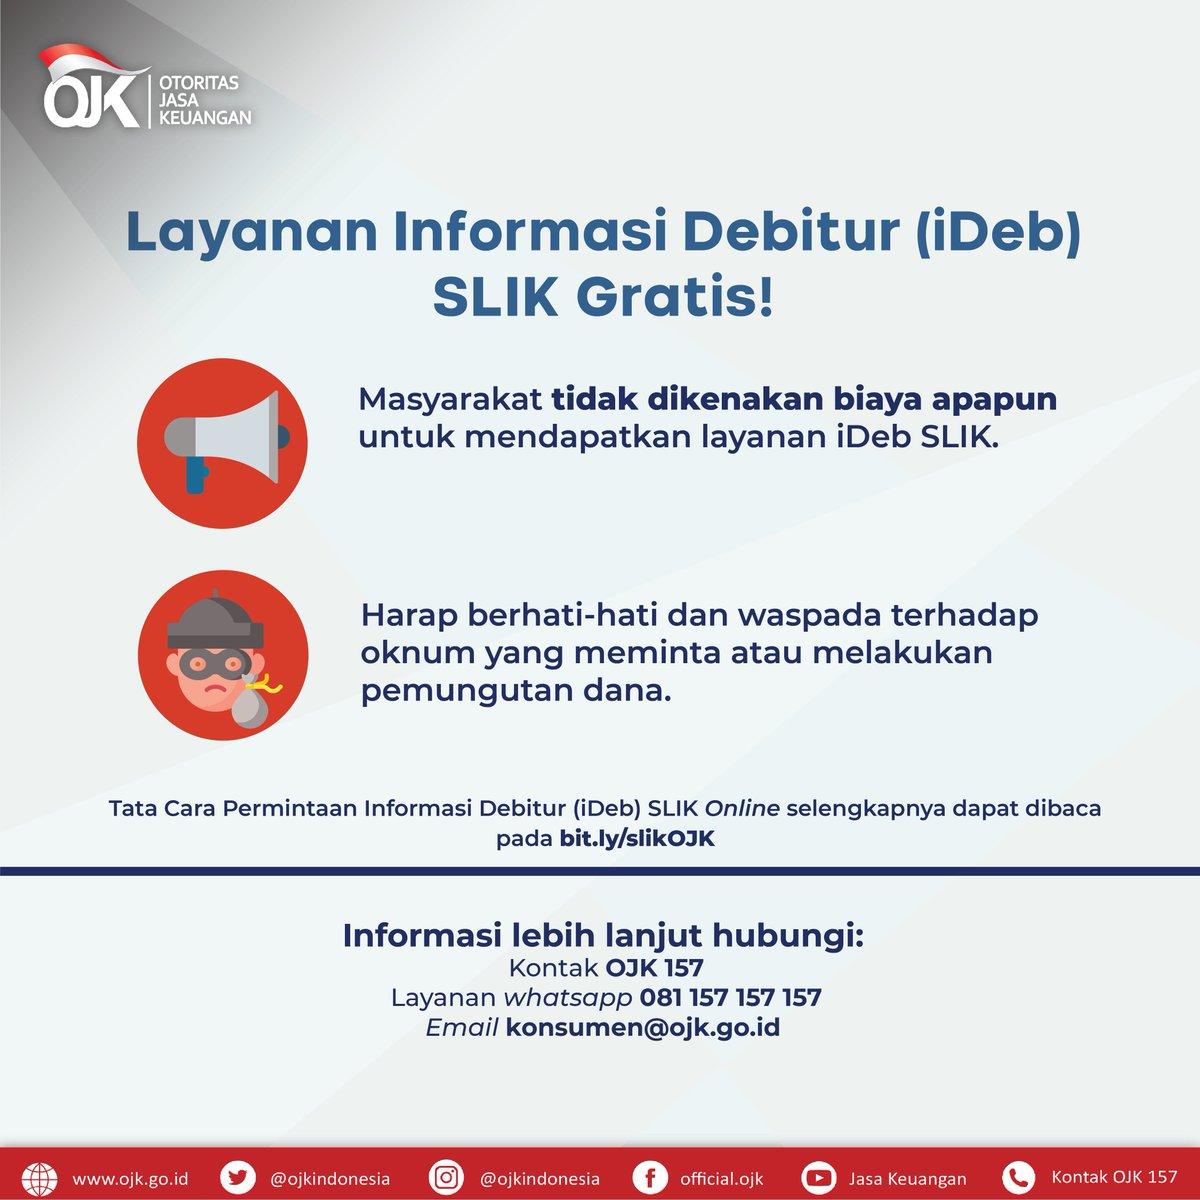 Ojk Indonesia On Twitter Sobat Ojk Siapa Yang Pernah Dengar Istilah Slik Atau Yang Sebelumnya Dikenal Dengan Bi Checking